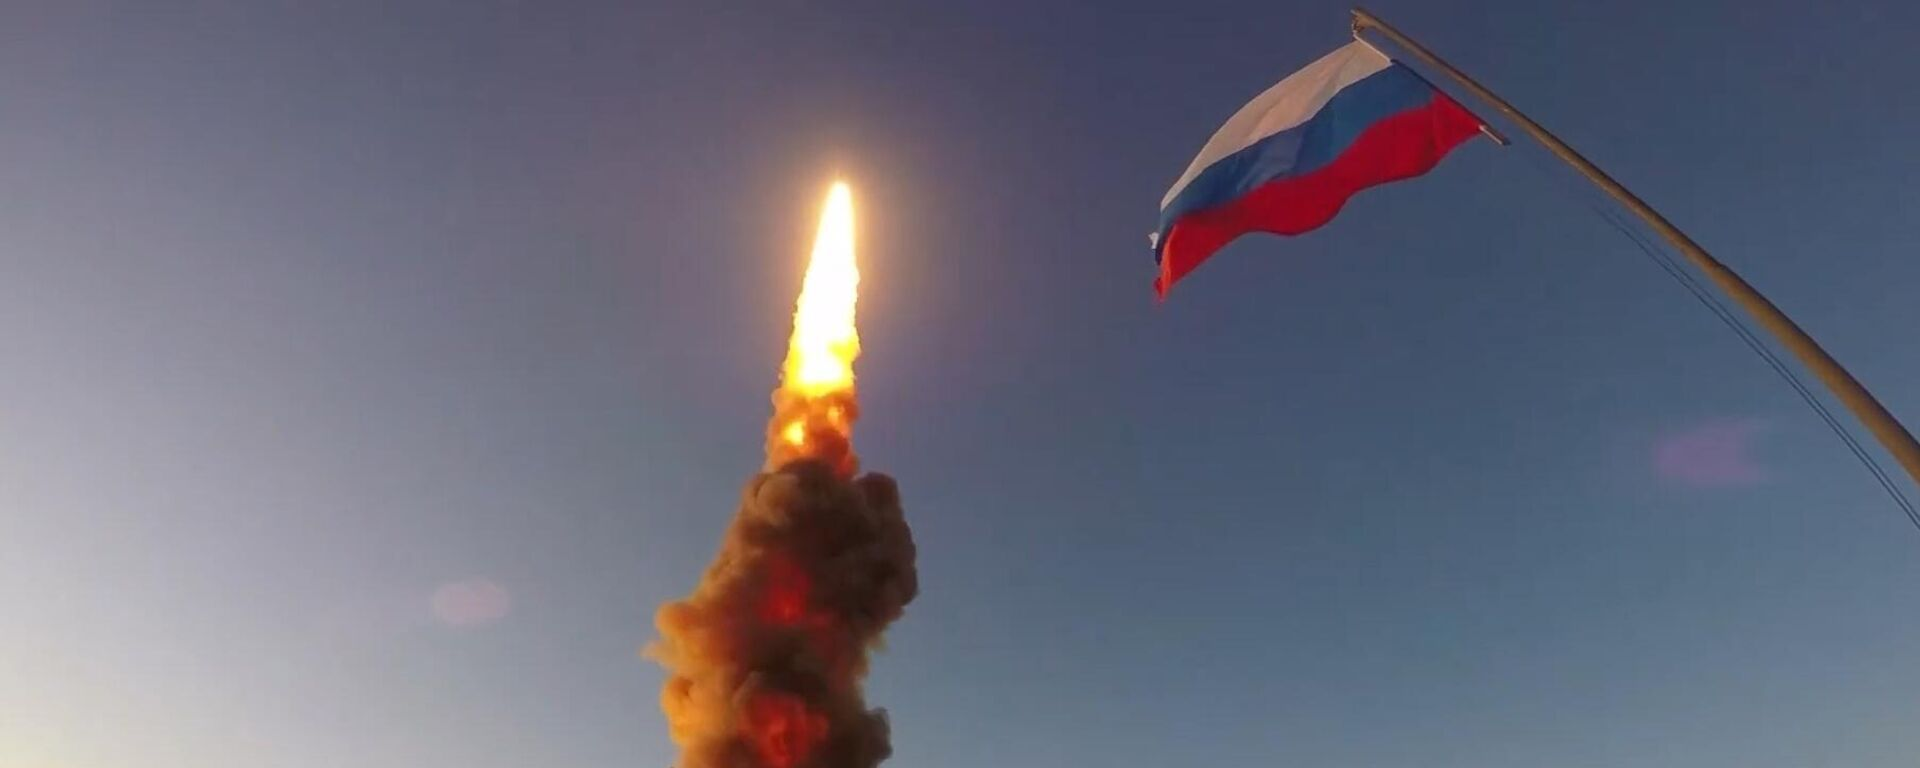 Испытания новой ракеты системы ПРО - Sputnik Таджикистан, 1920, 29.06.2021